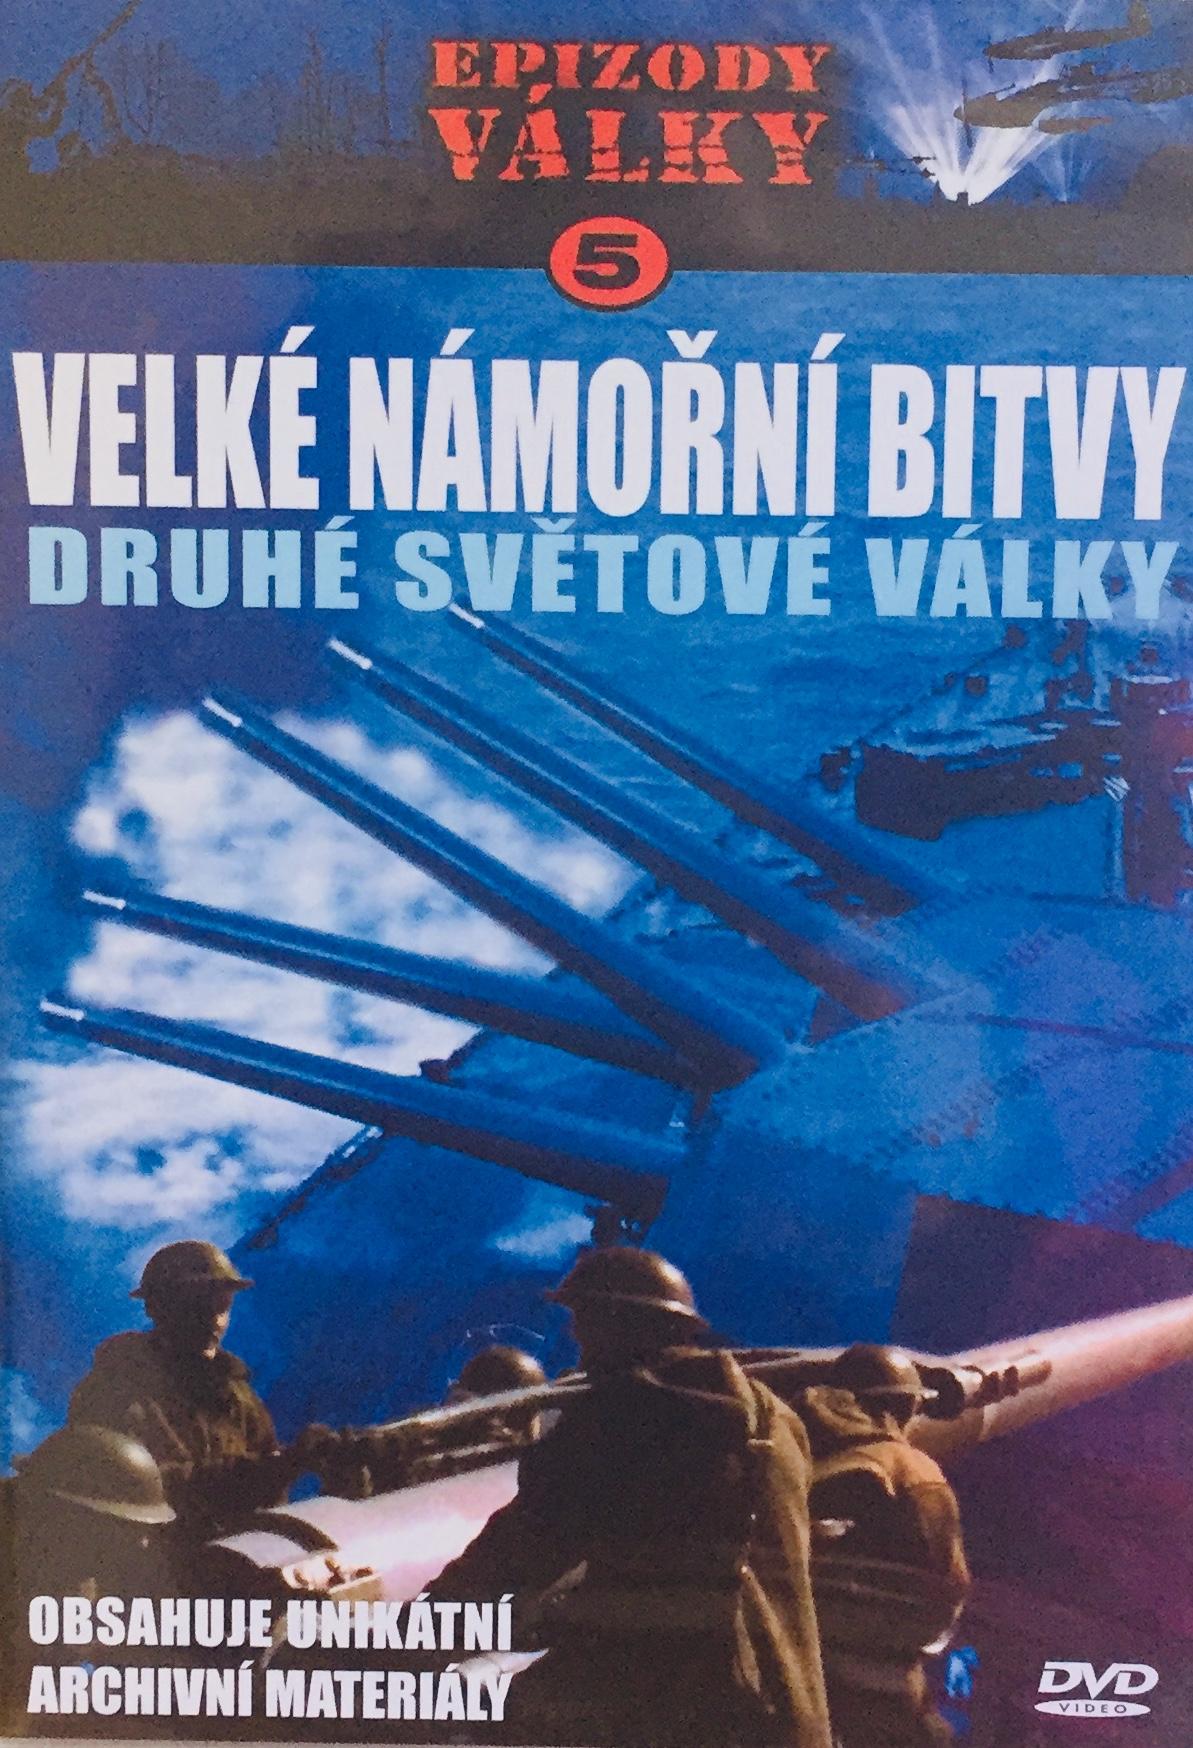 Epizody války 5 - Velké námořní bitvy druhé světové války - DVD /plast/